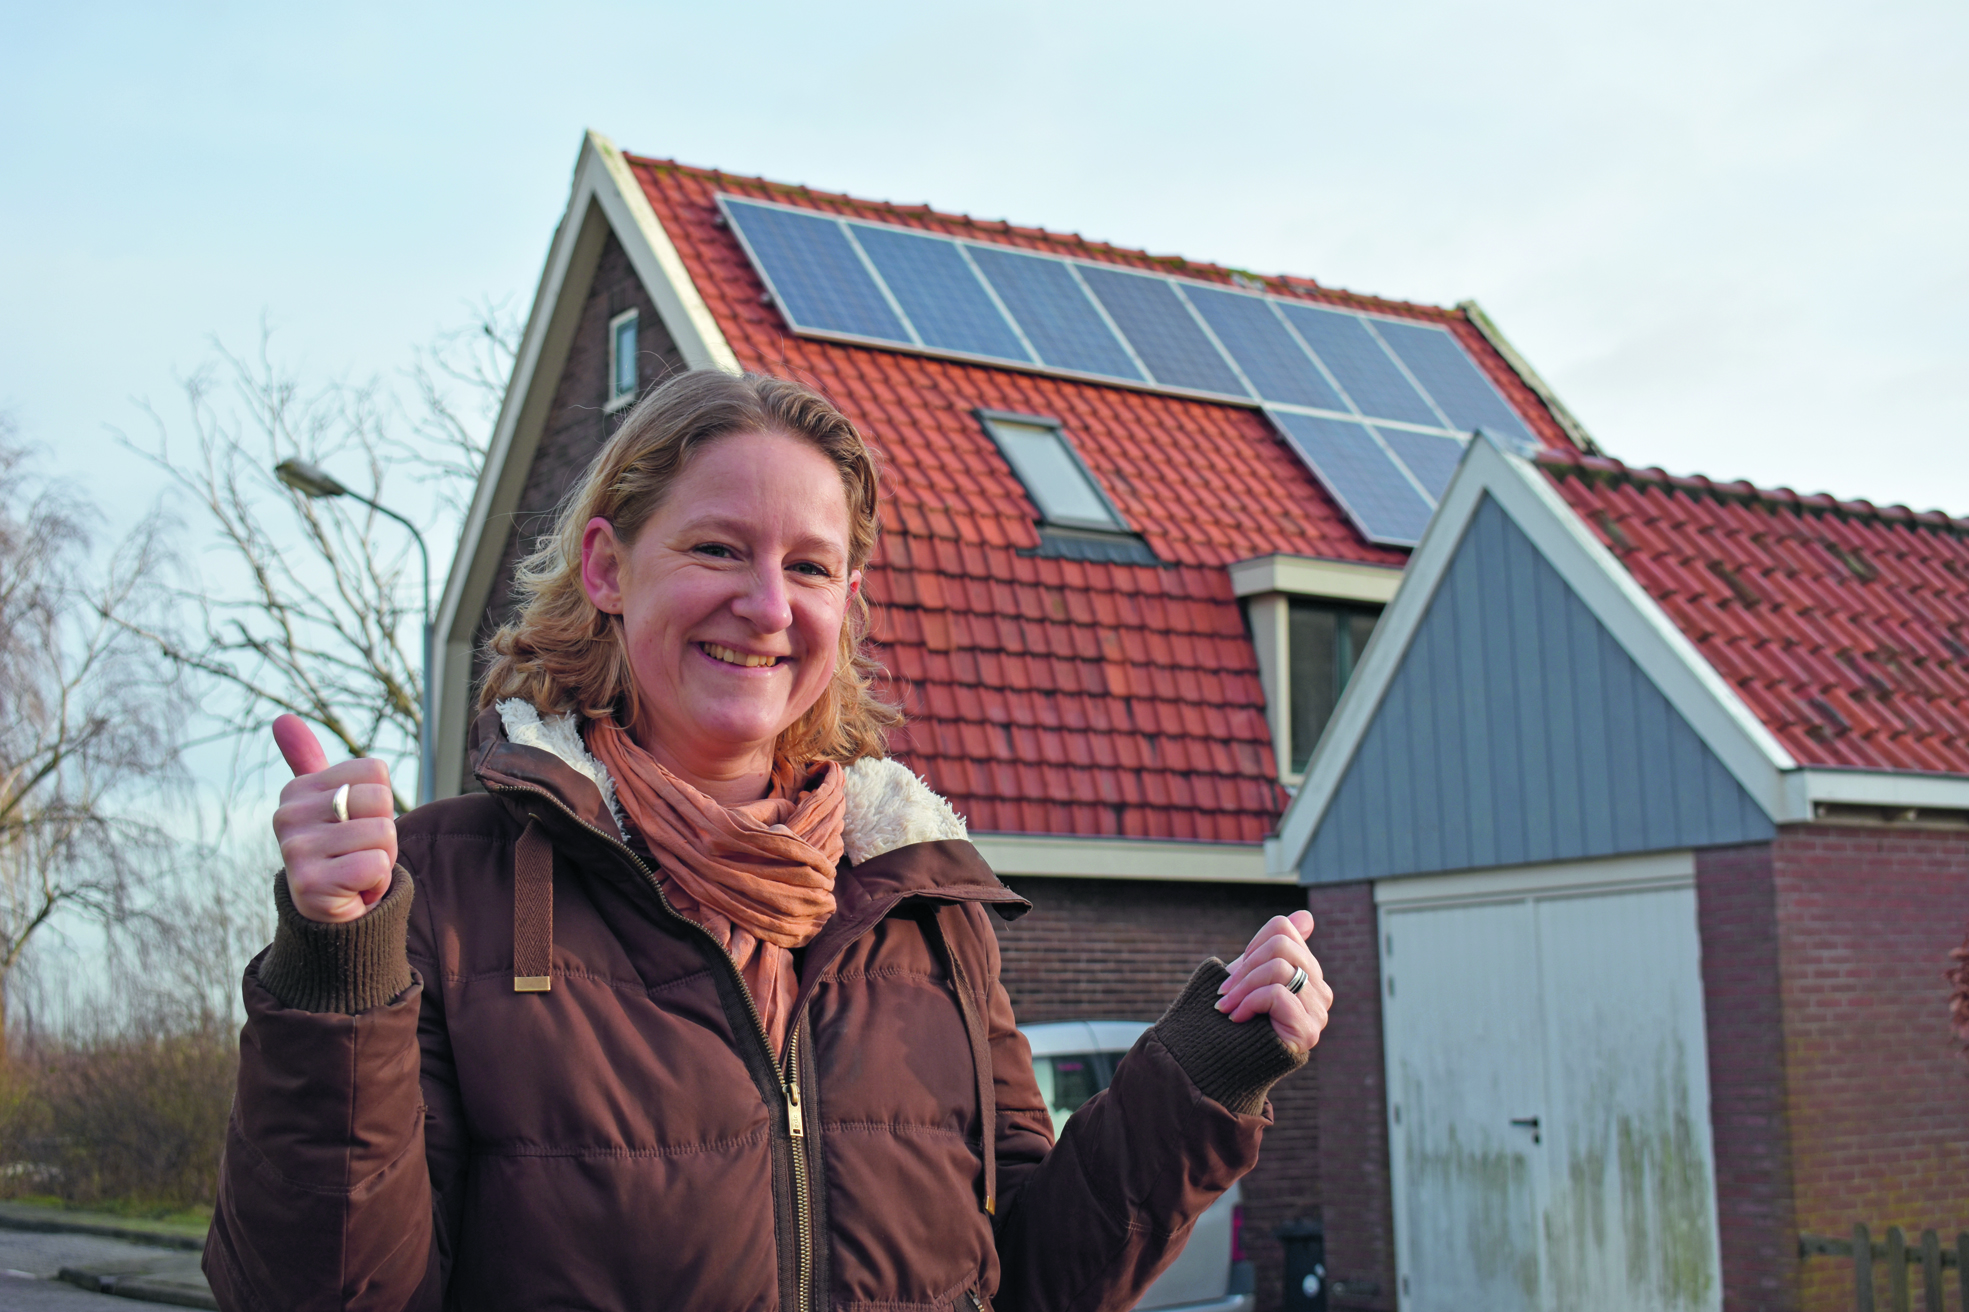 Femke is blij met deze Westzaners, die met zonnepanelen op het dak het goede voorbeeld geven. (Foto: Daan Ruijter/Rodi Media)